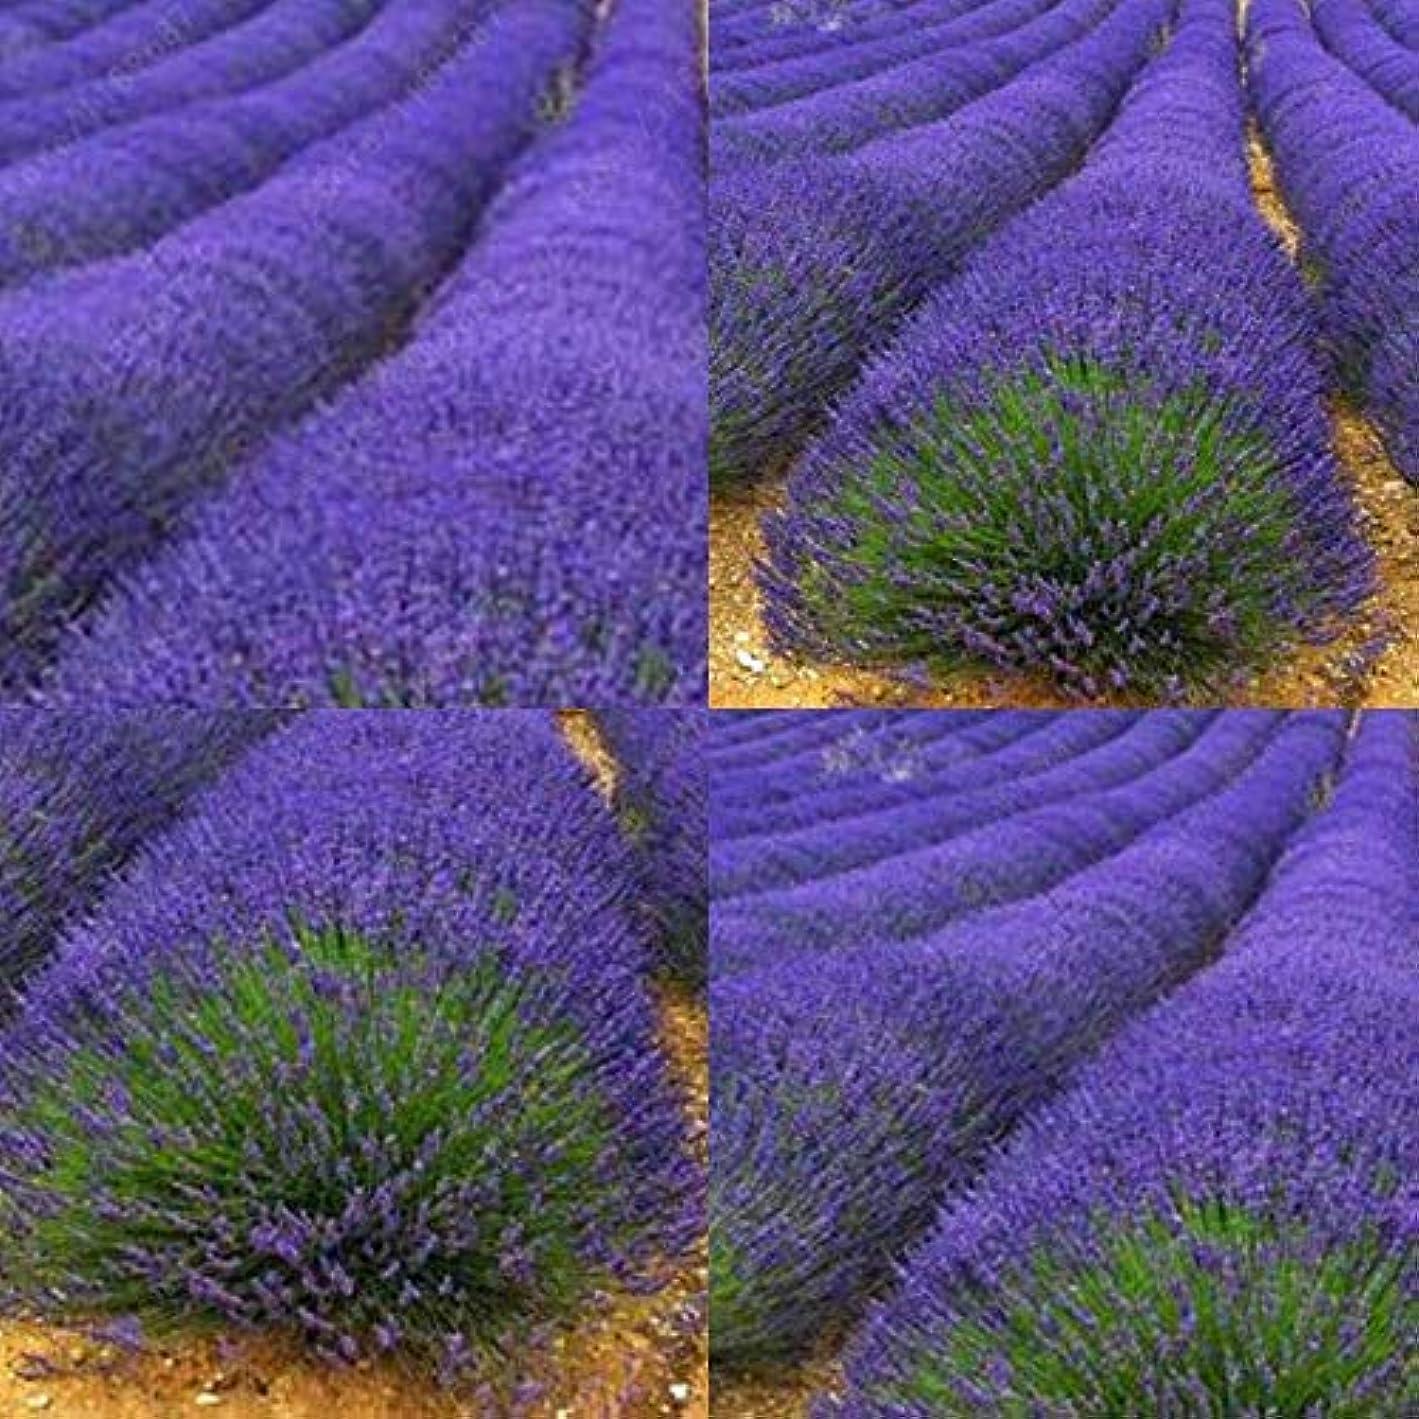 結び目雹異常なPortal Cool Type2 200Pcs: New Garden Aromatic Spices Variety Herb Seeds Plant Vegetable Lavender Herb